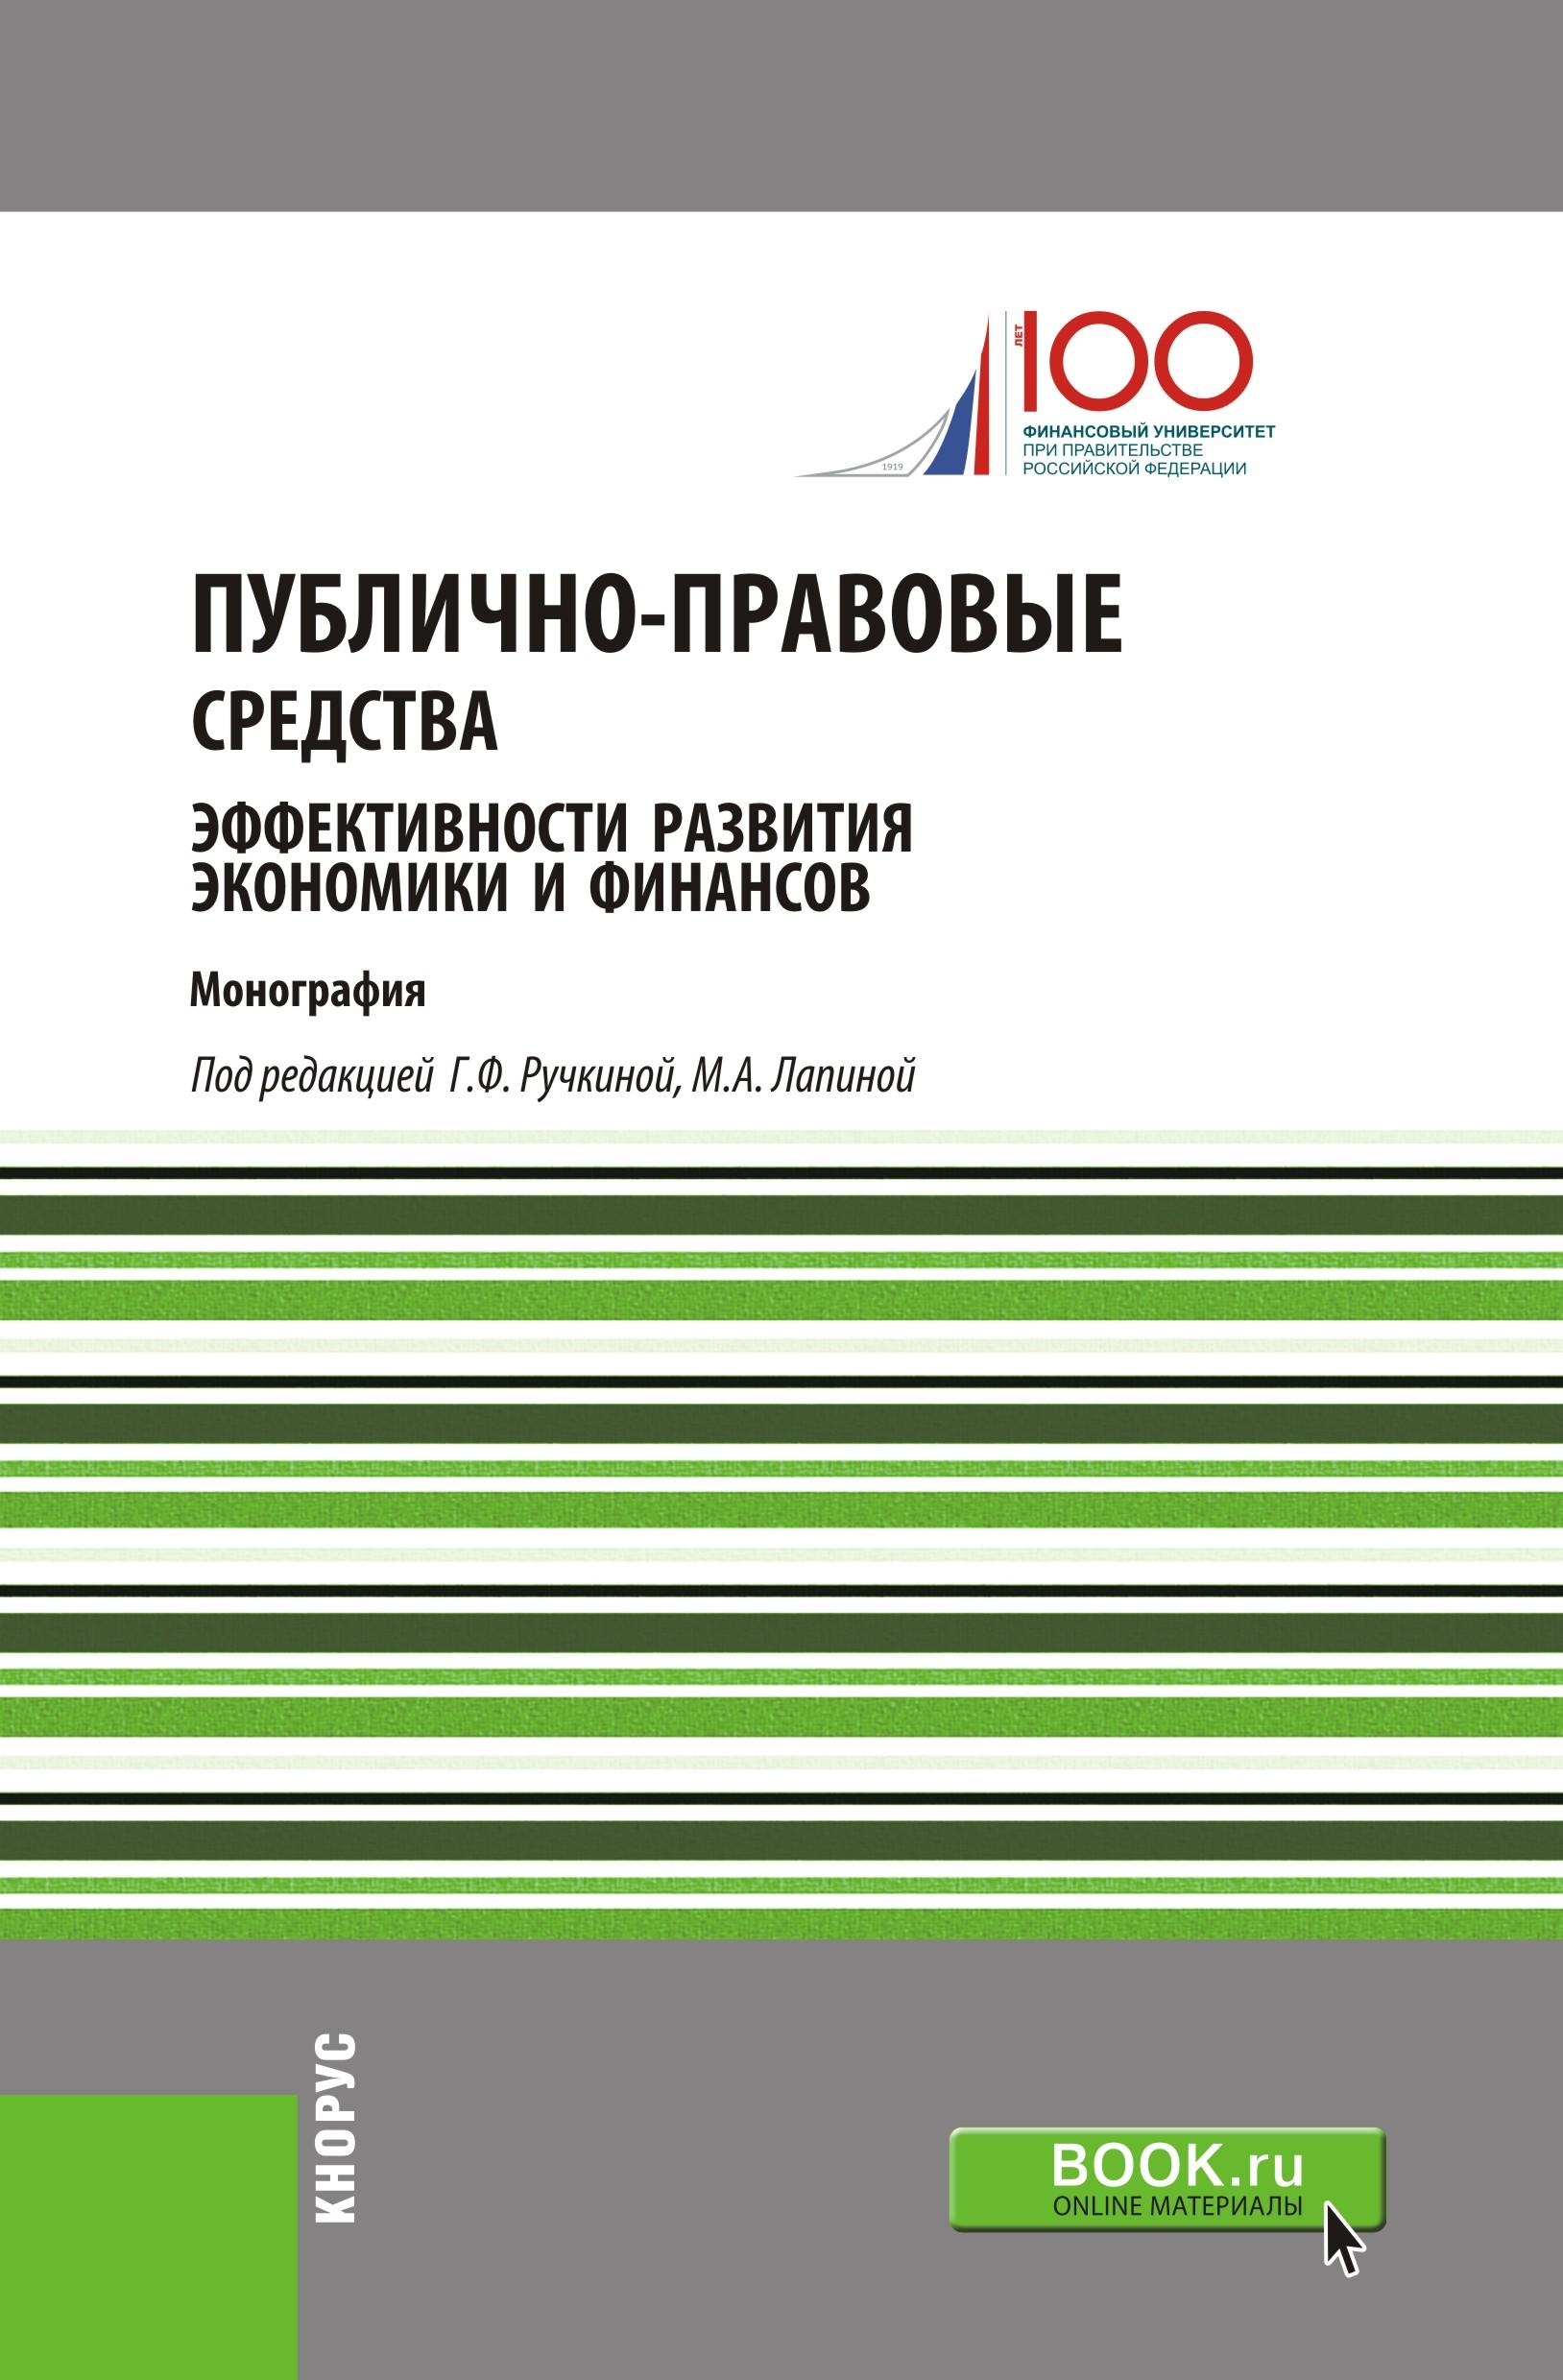 Публично-правовые средства эффективности развития экономики и финансов